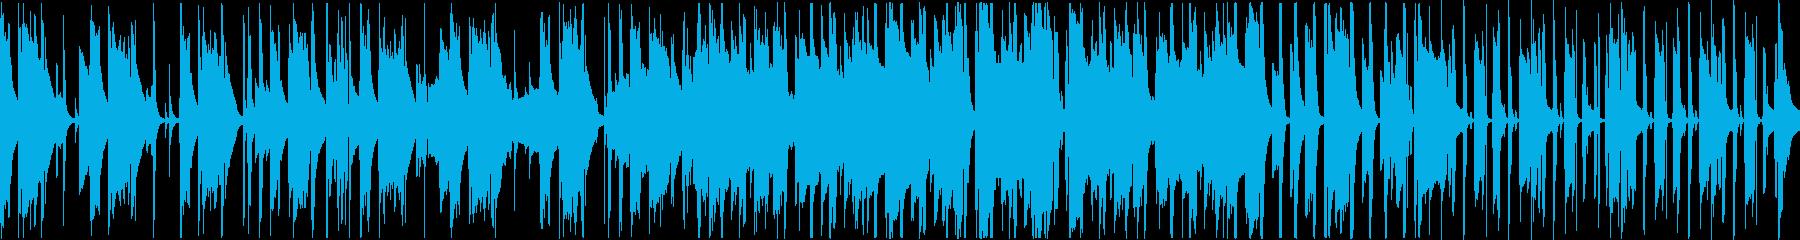 ちょっとコミカルな、ほのぼの系ポップスの再生済みの波形